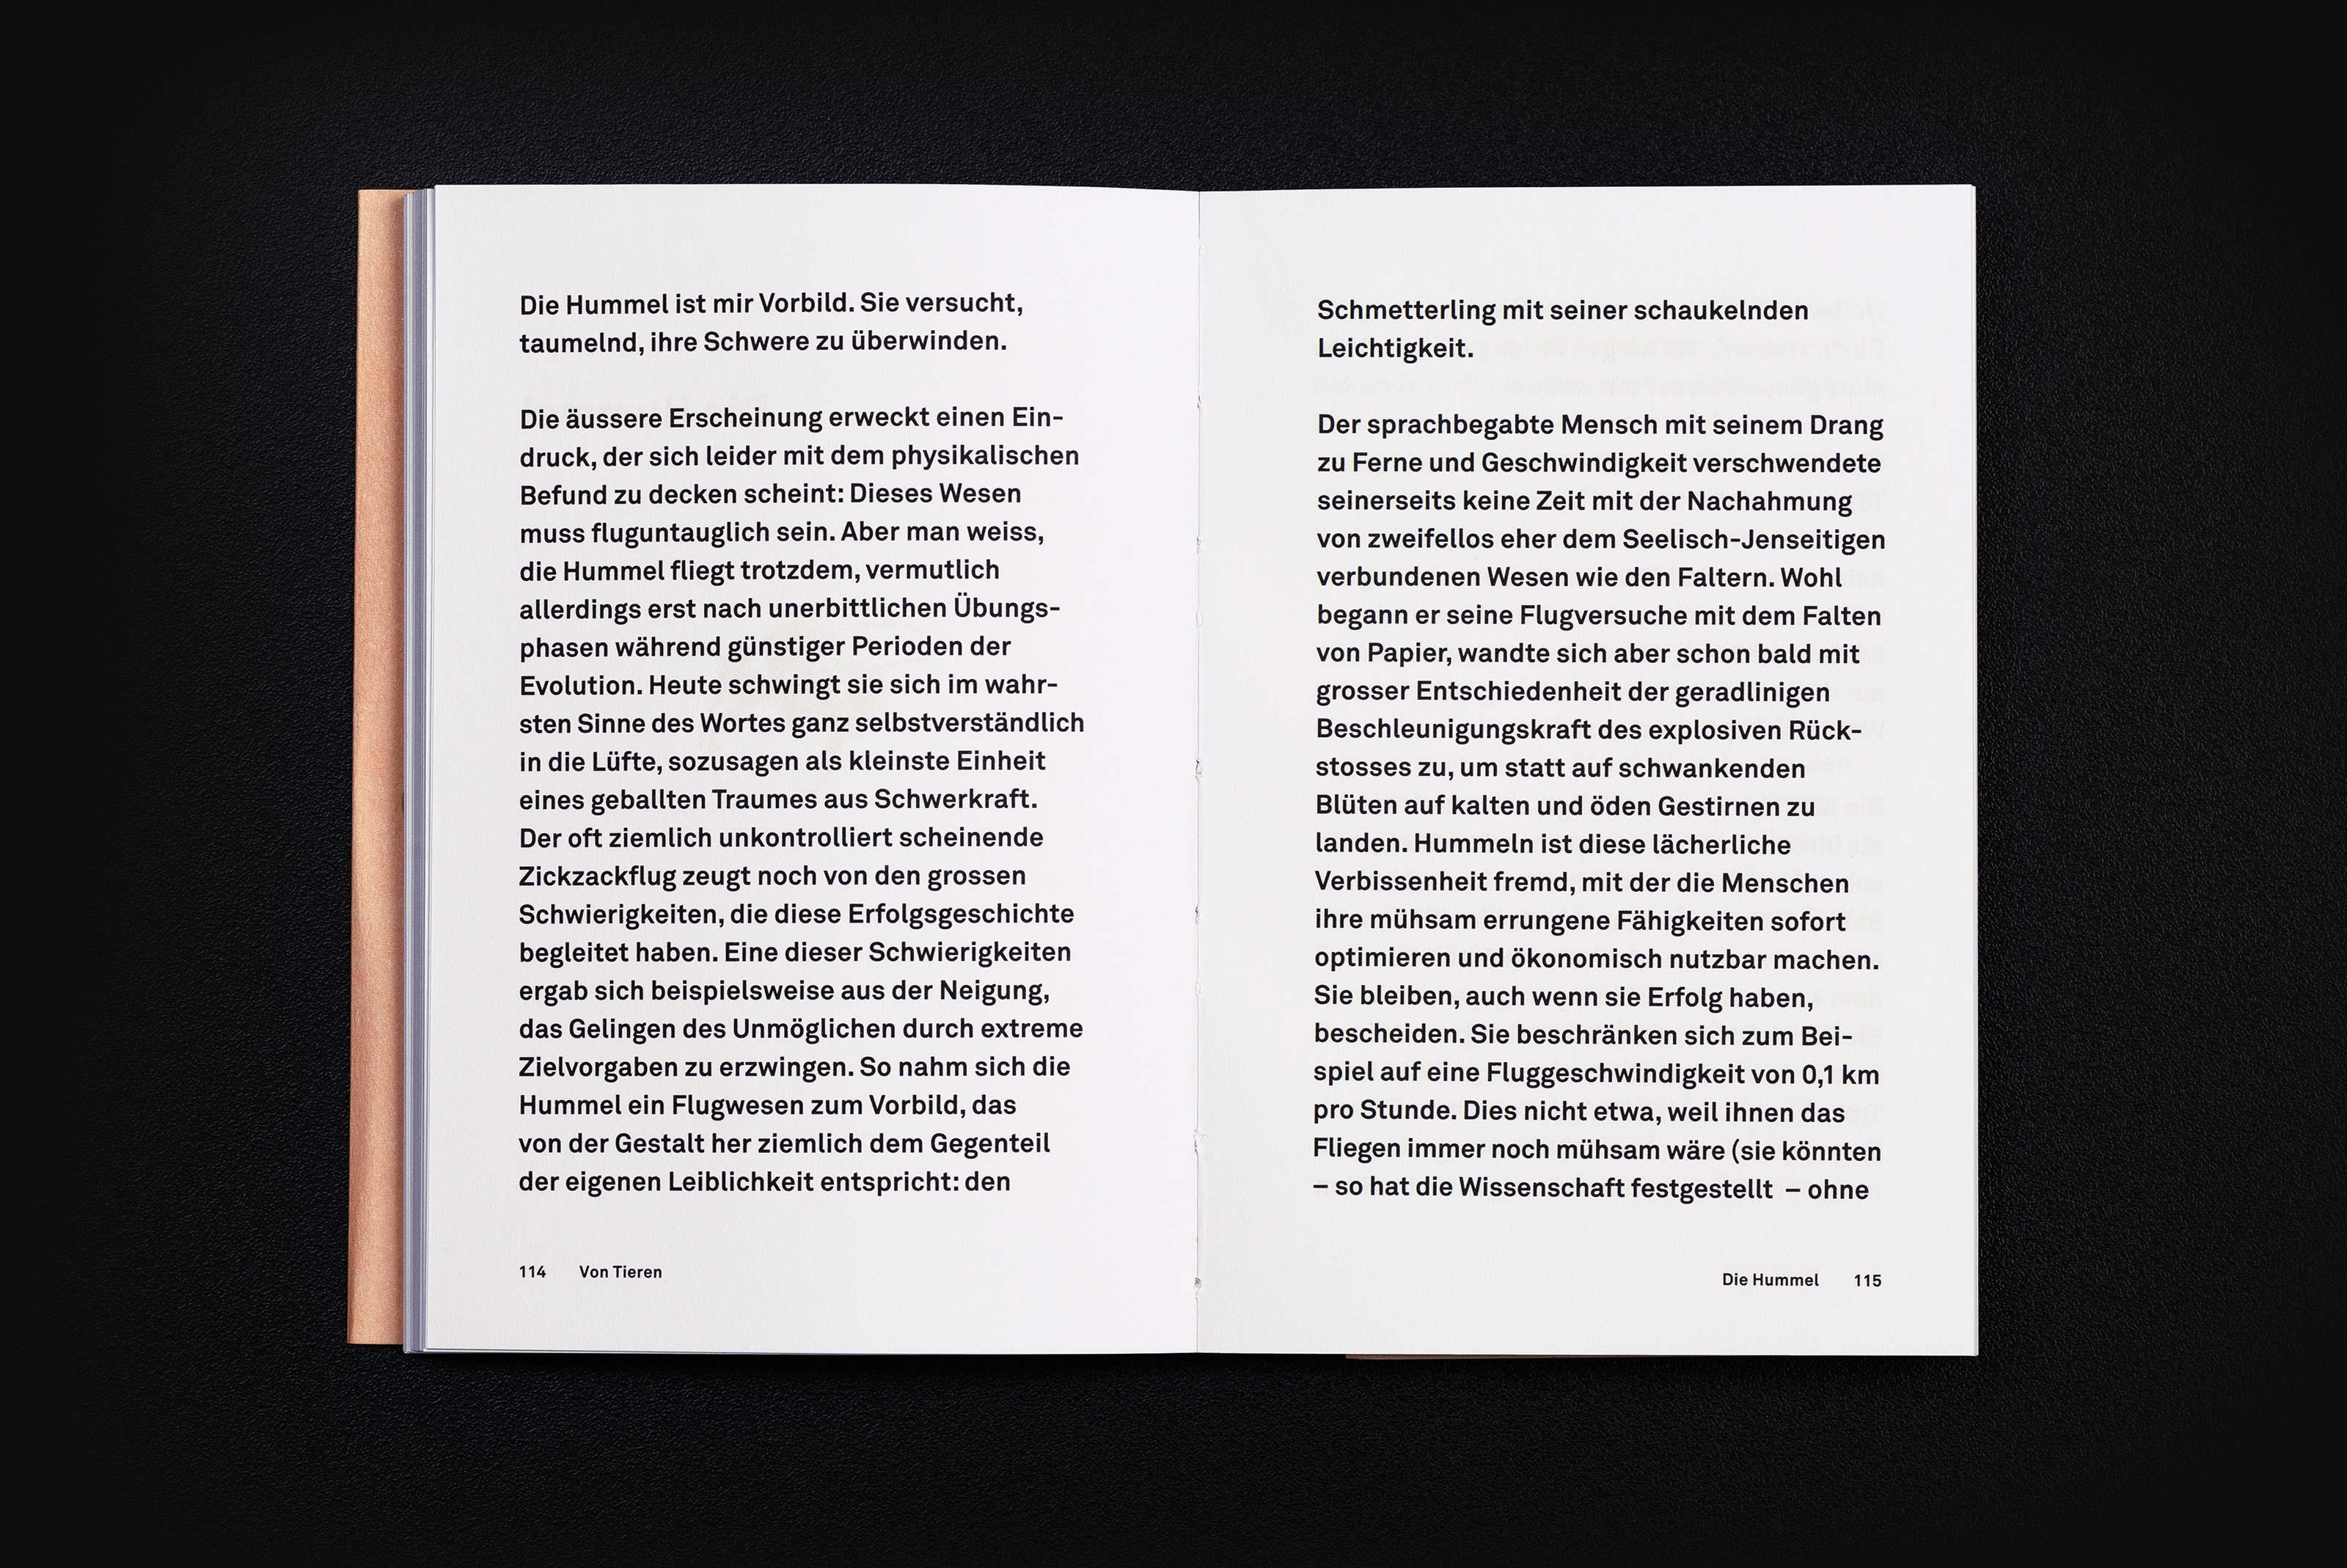 Frand Dodel – Von Tieren, content text ©Atelier Pol × Barbara Hess